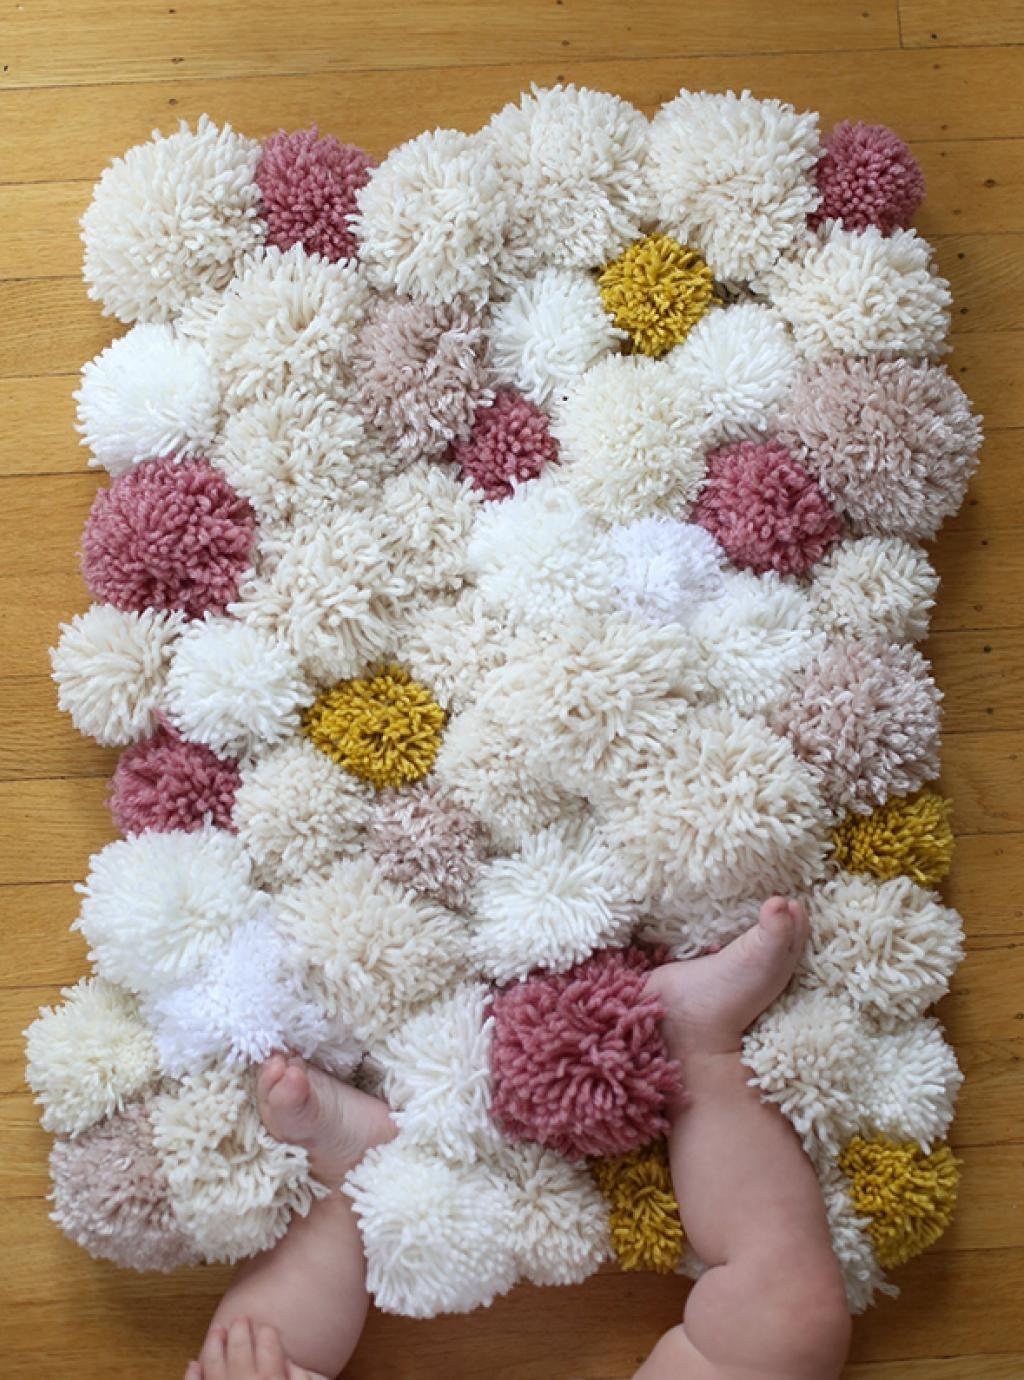 comment fabriquer un tapis pompons pour la chambre de b b tape par tape tapis pompon. Black Bedroom Furniture Sets. Home Design Ideas